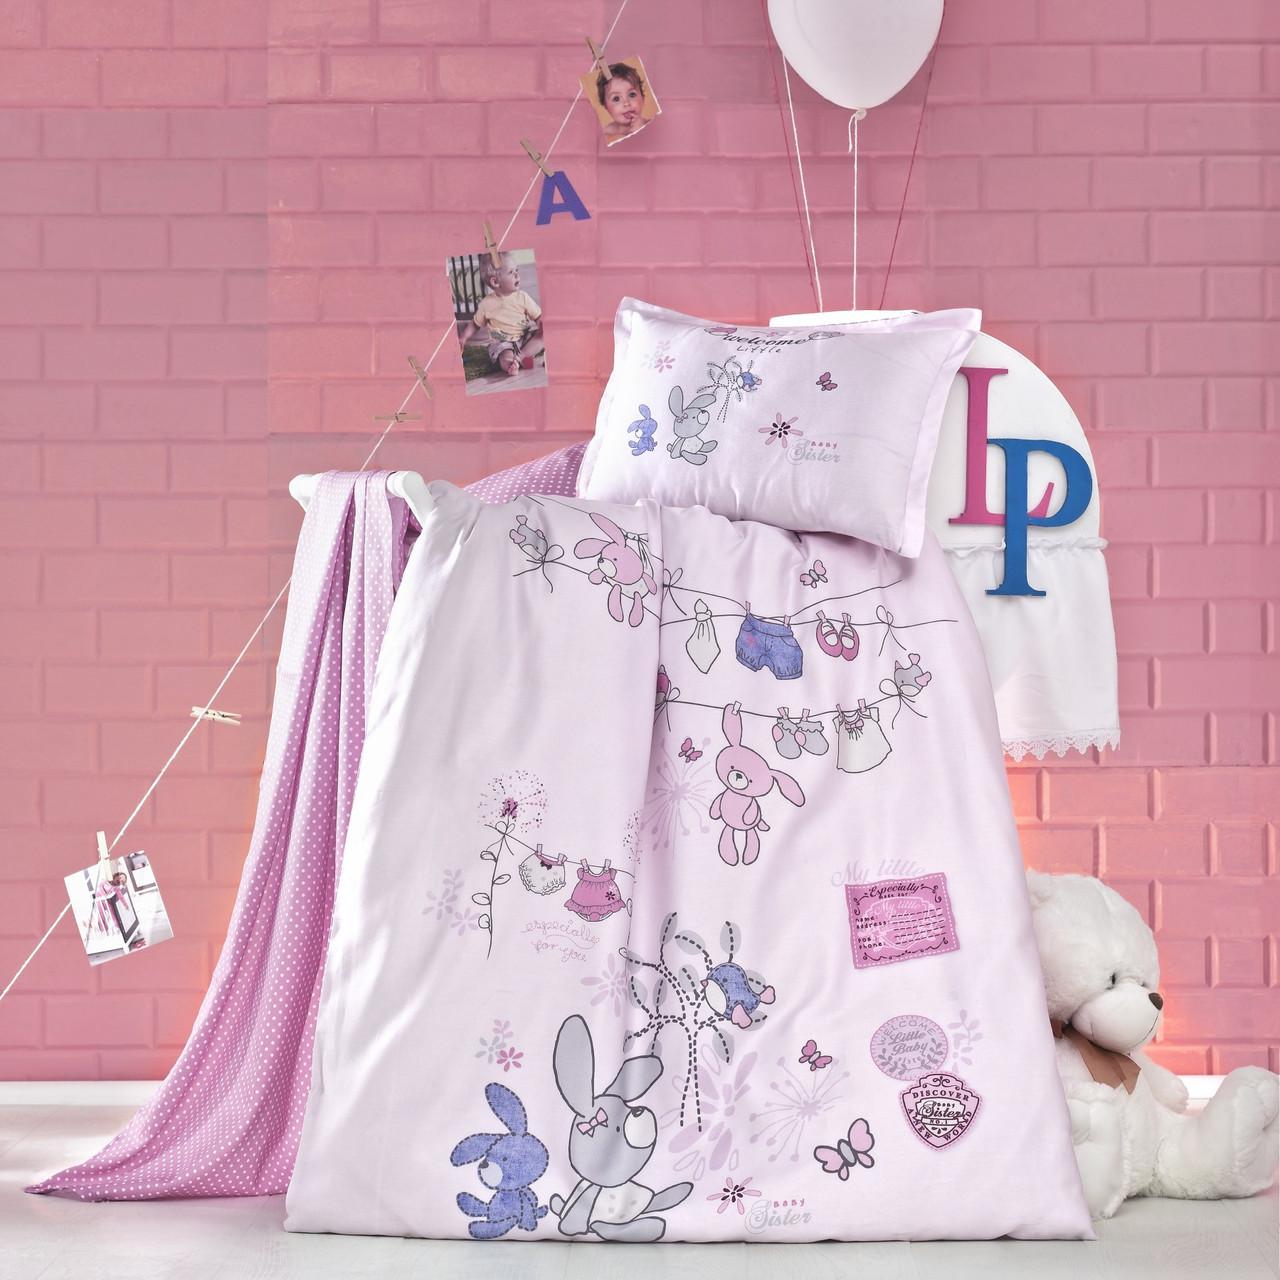 Комплект детского постельного белья Little, Luoca Patisca